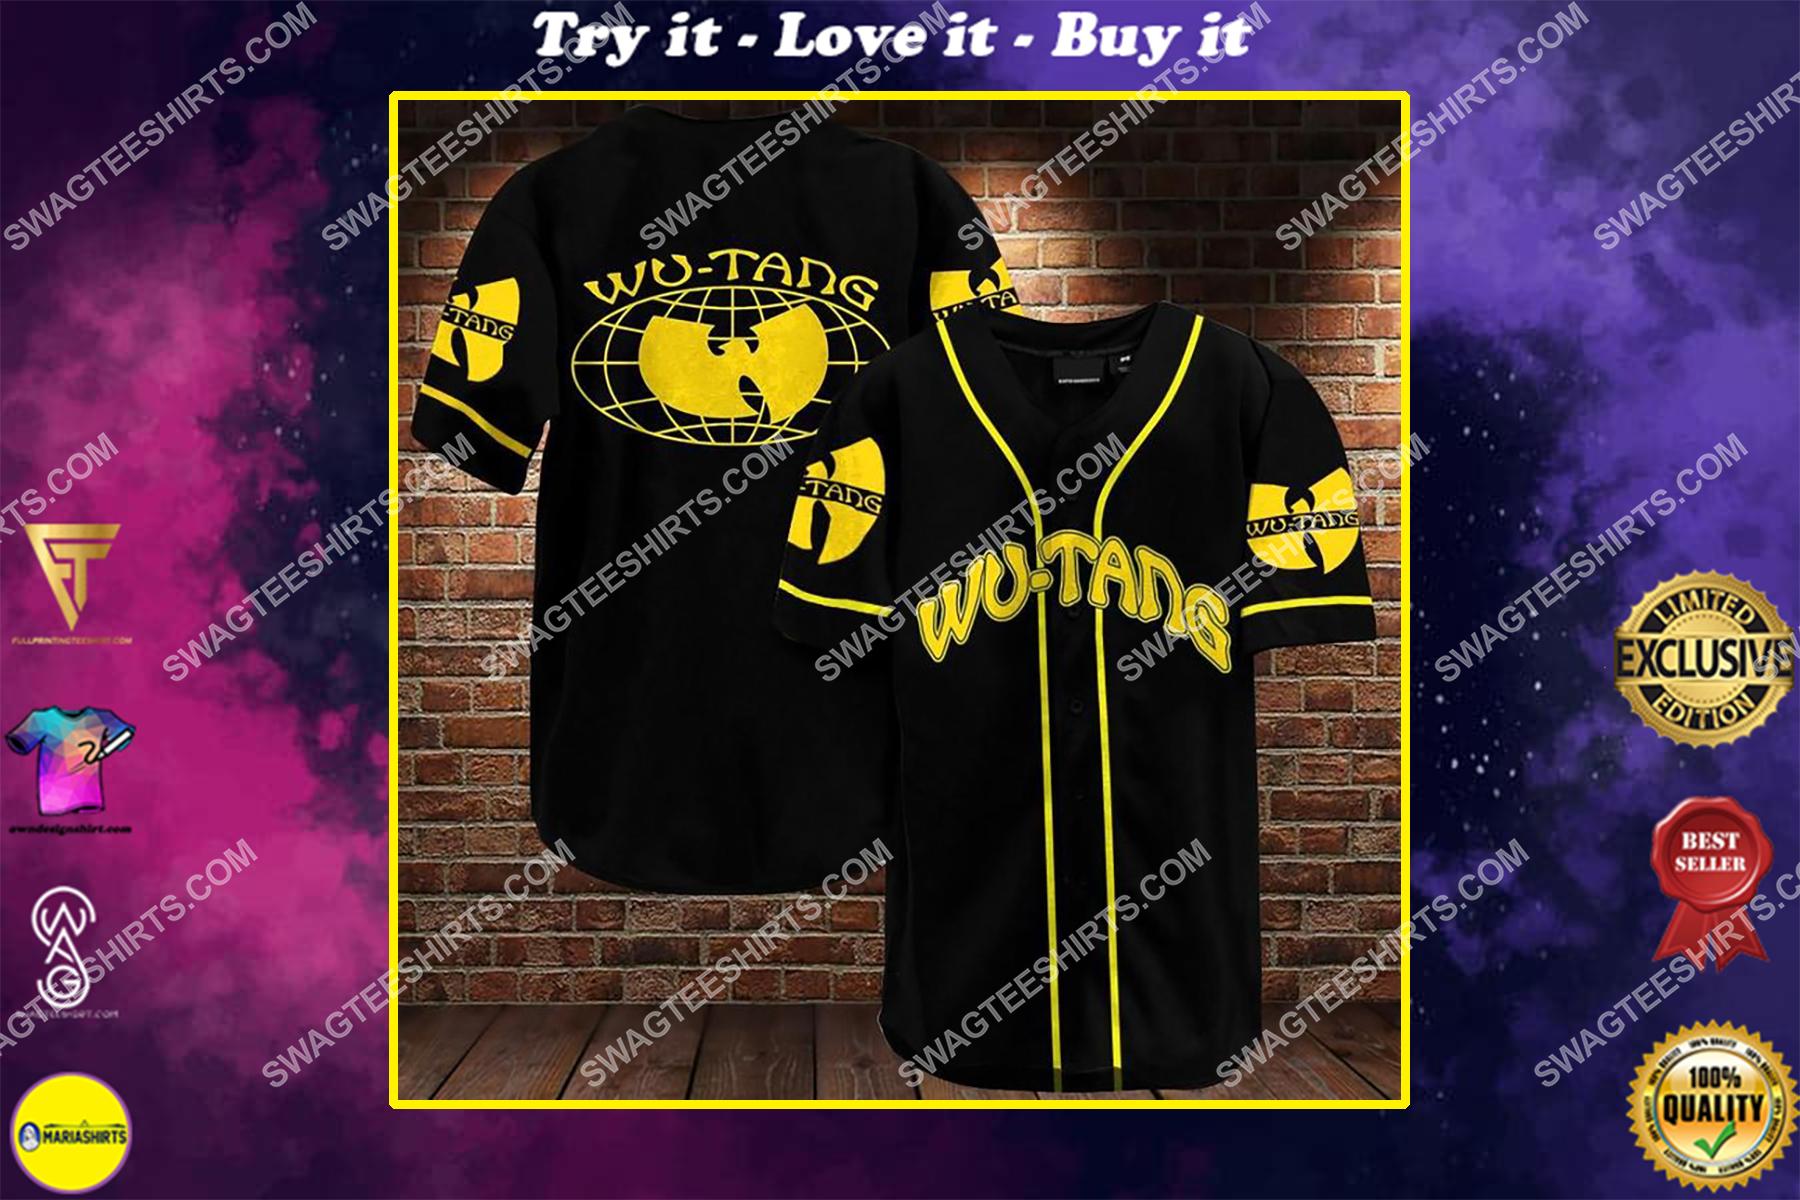 wu-tang clan band all over printed baseball shirt